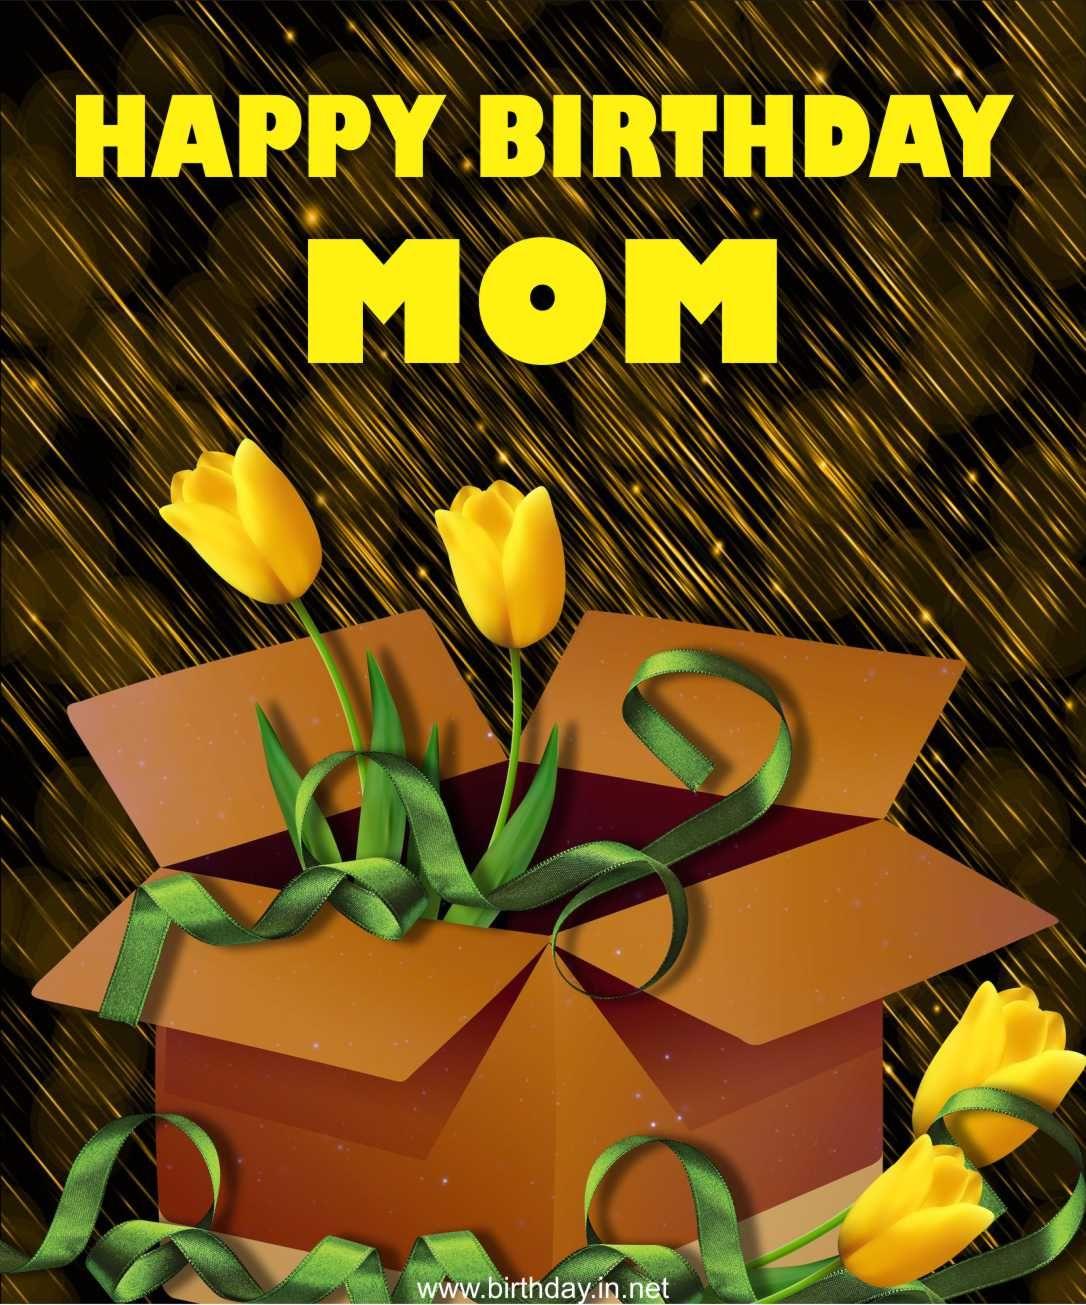 Happy Birthday Mom Latest Birthday Wishes for Mom